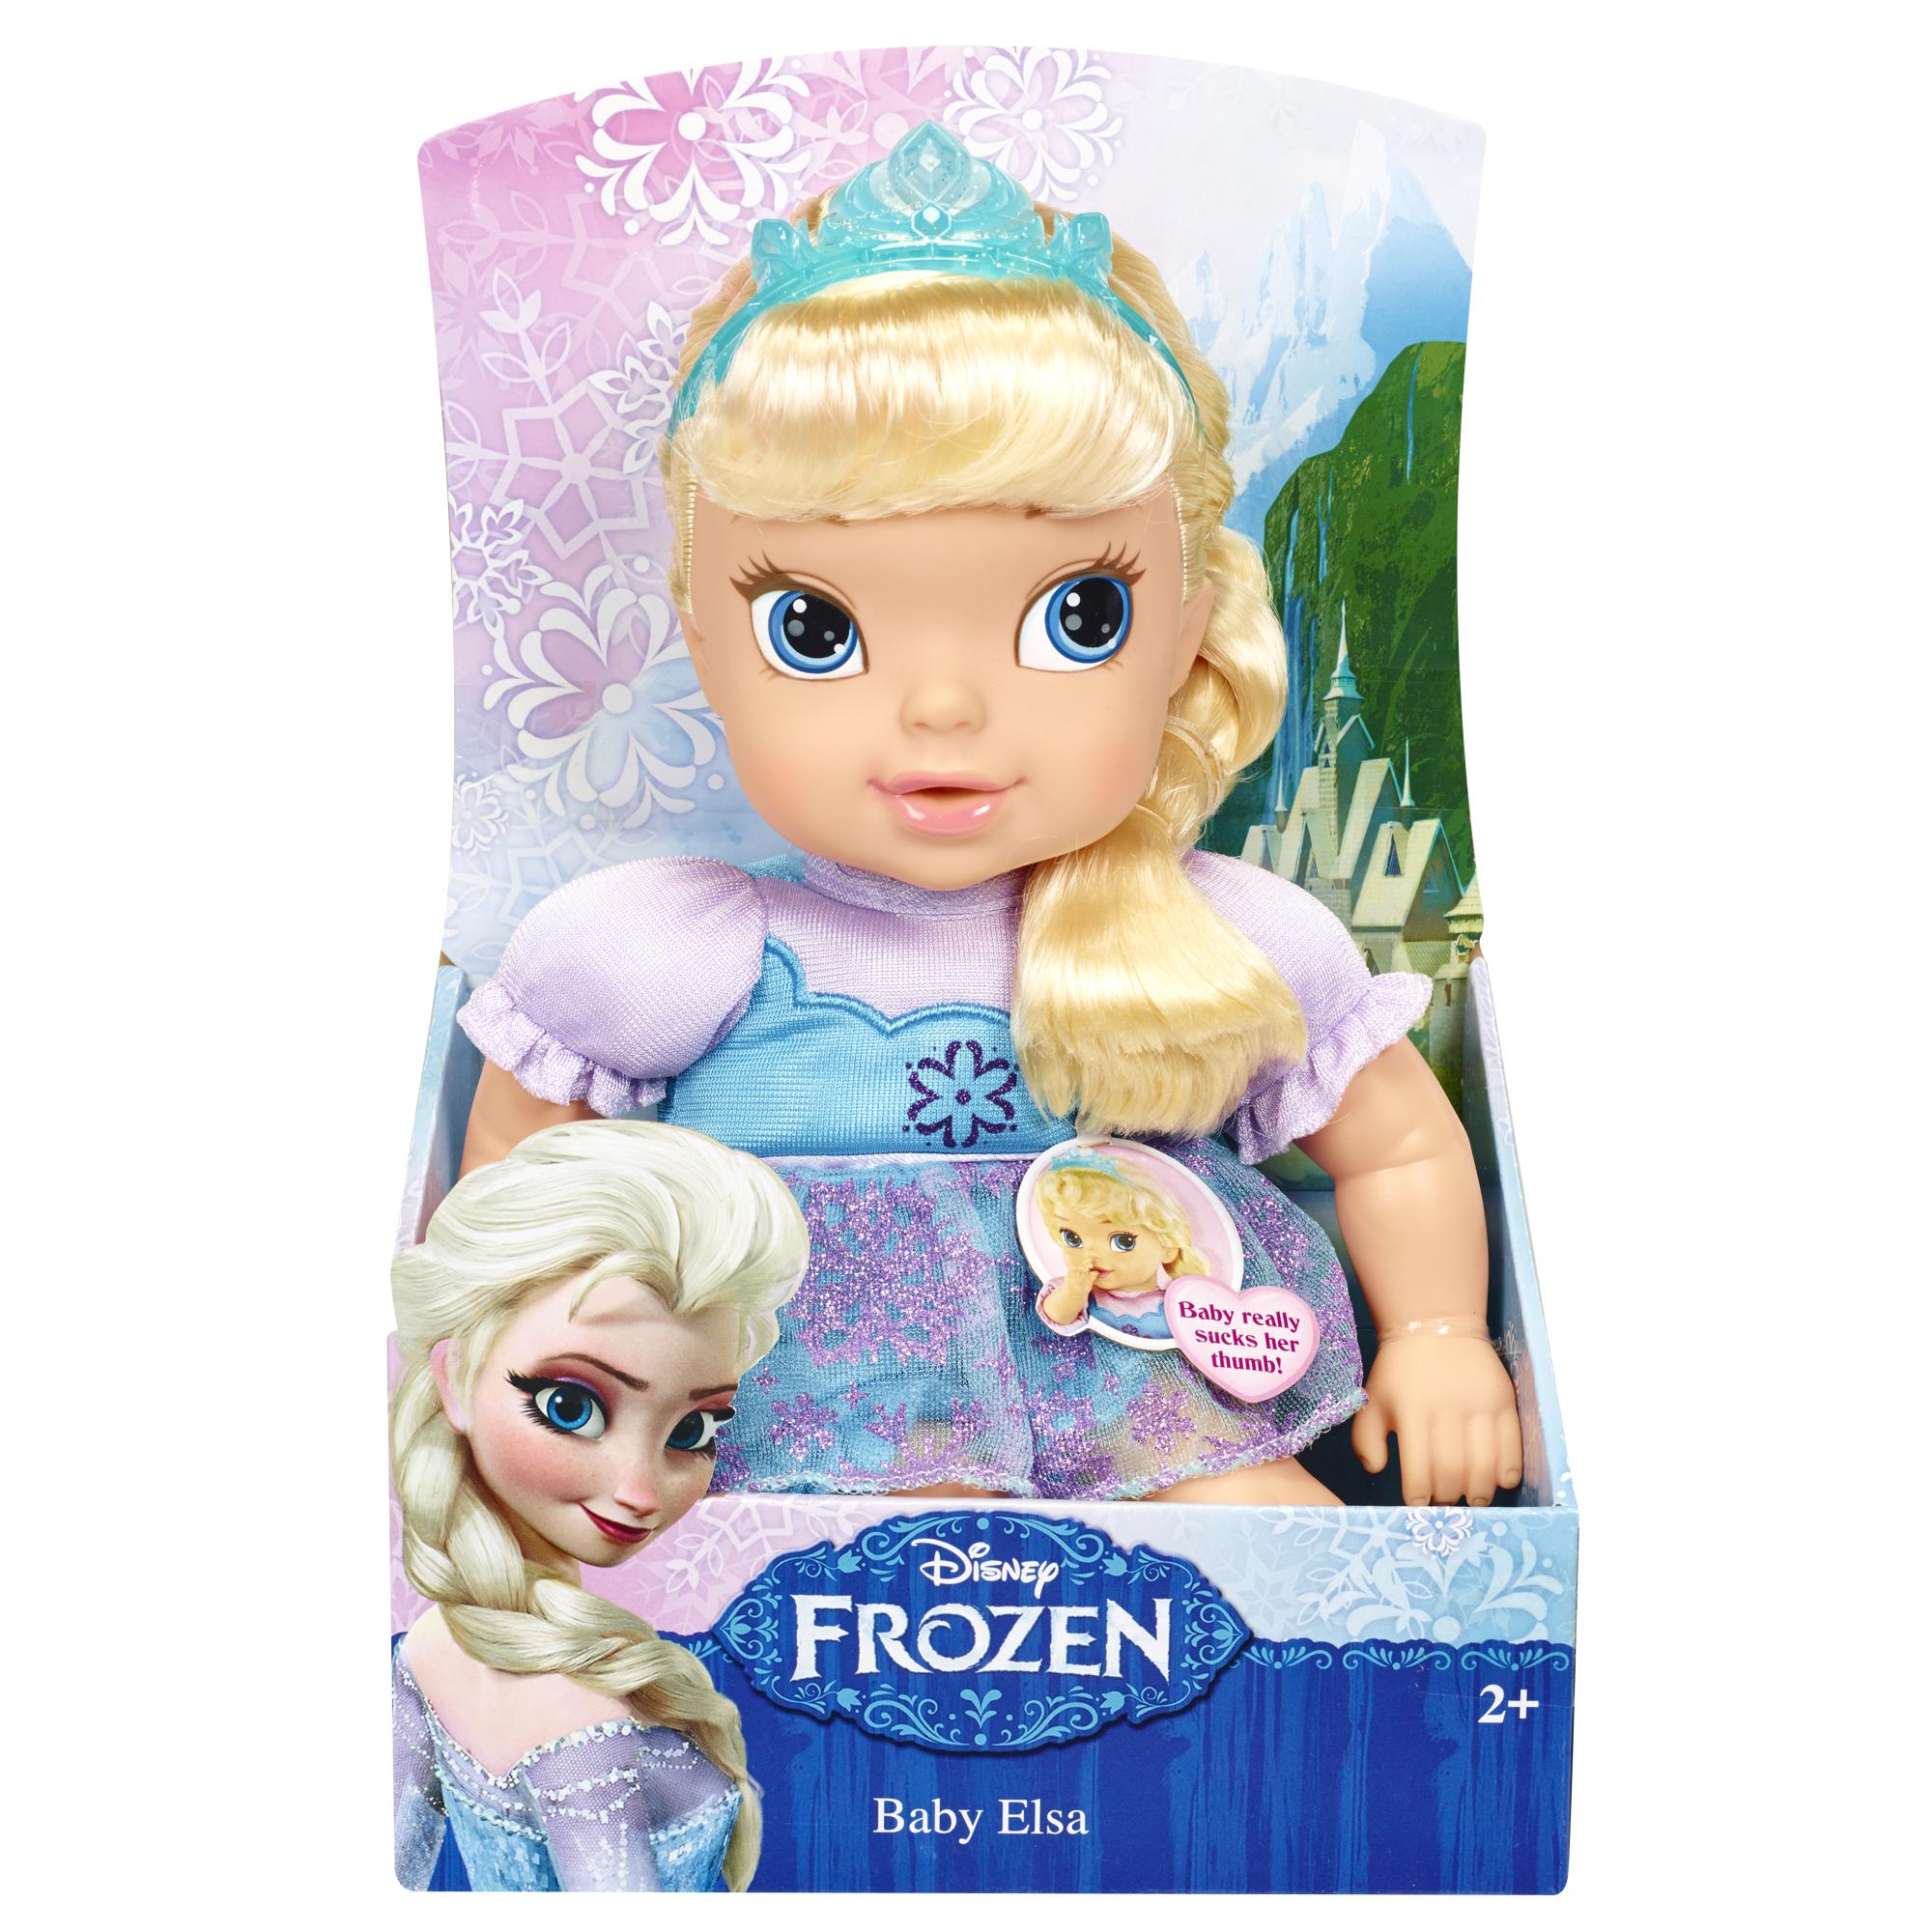 Disney Frozen Baby Elsa Walmart Com